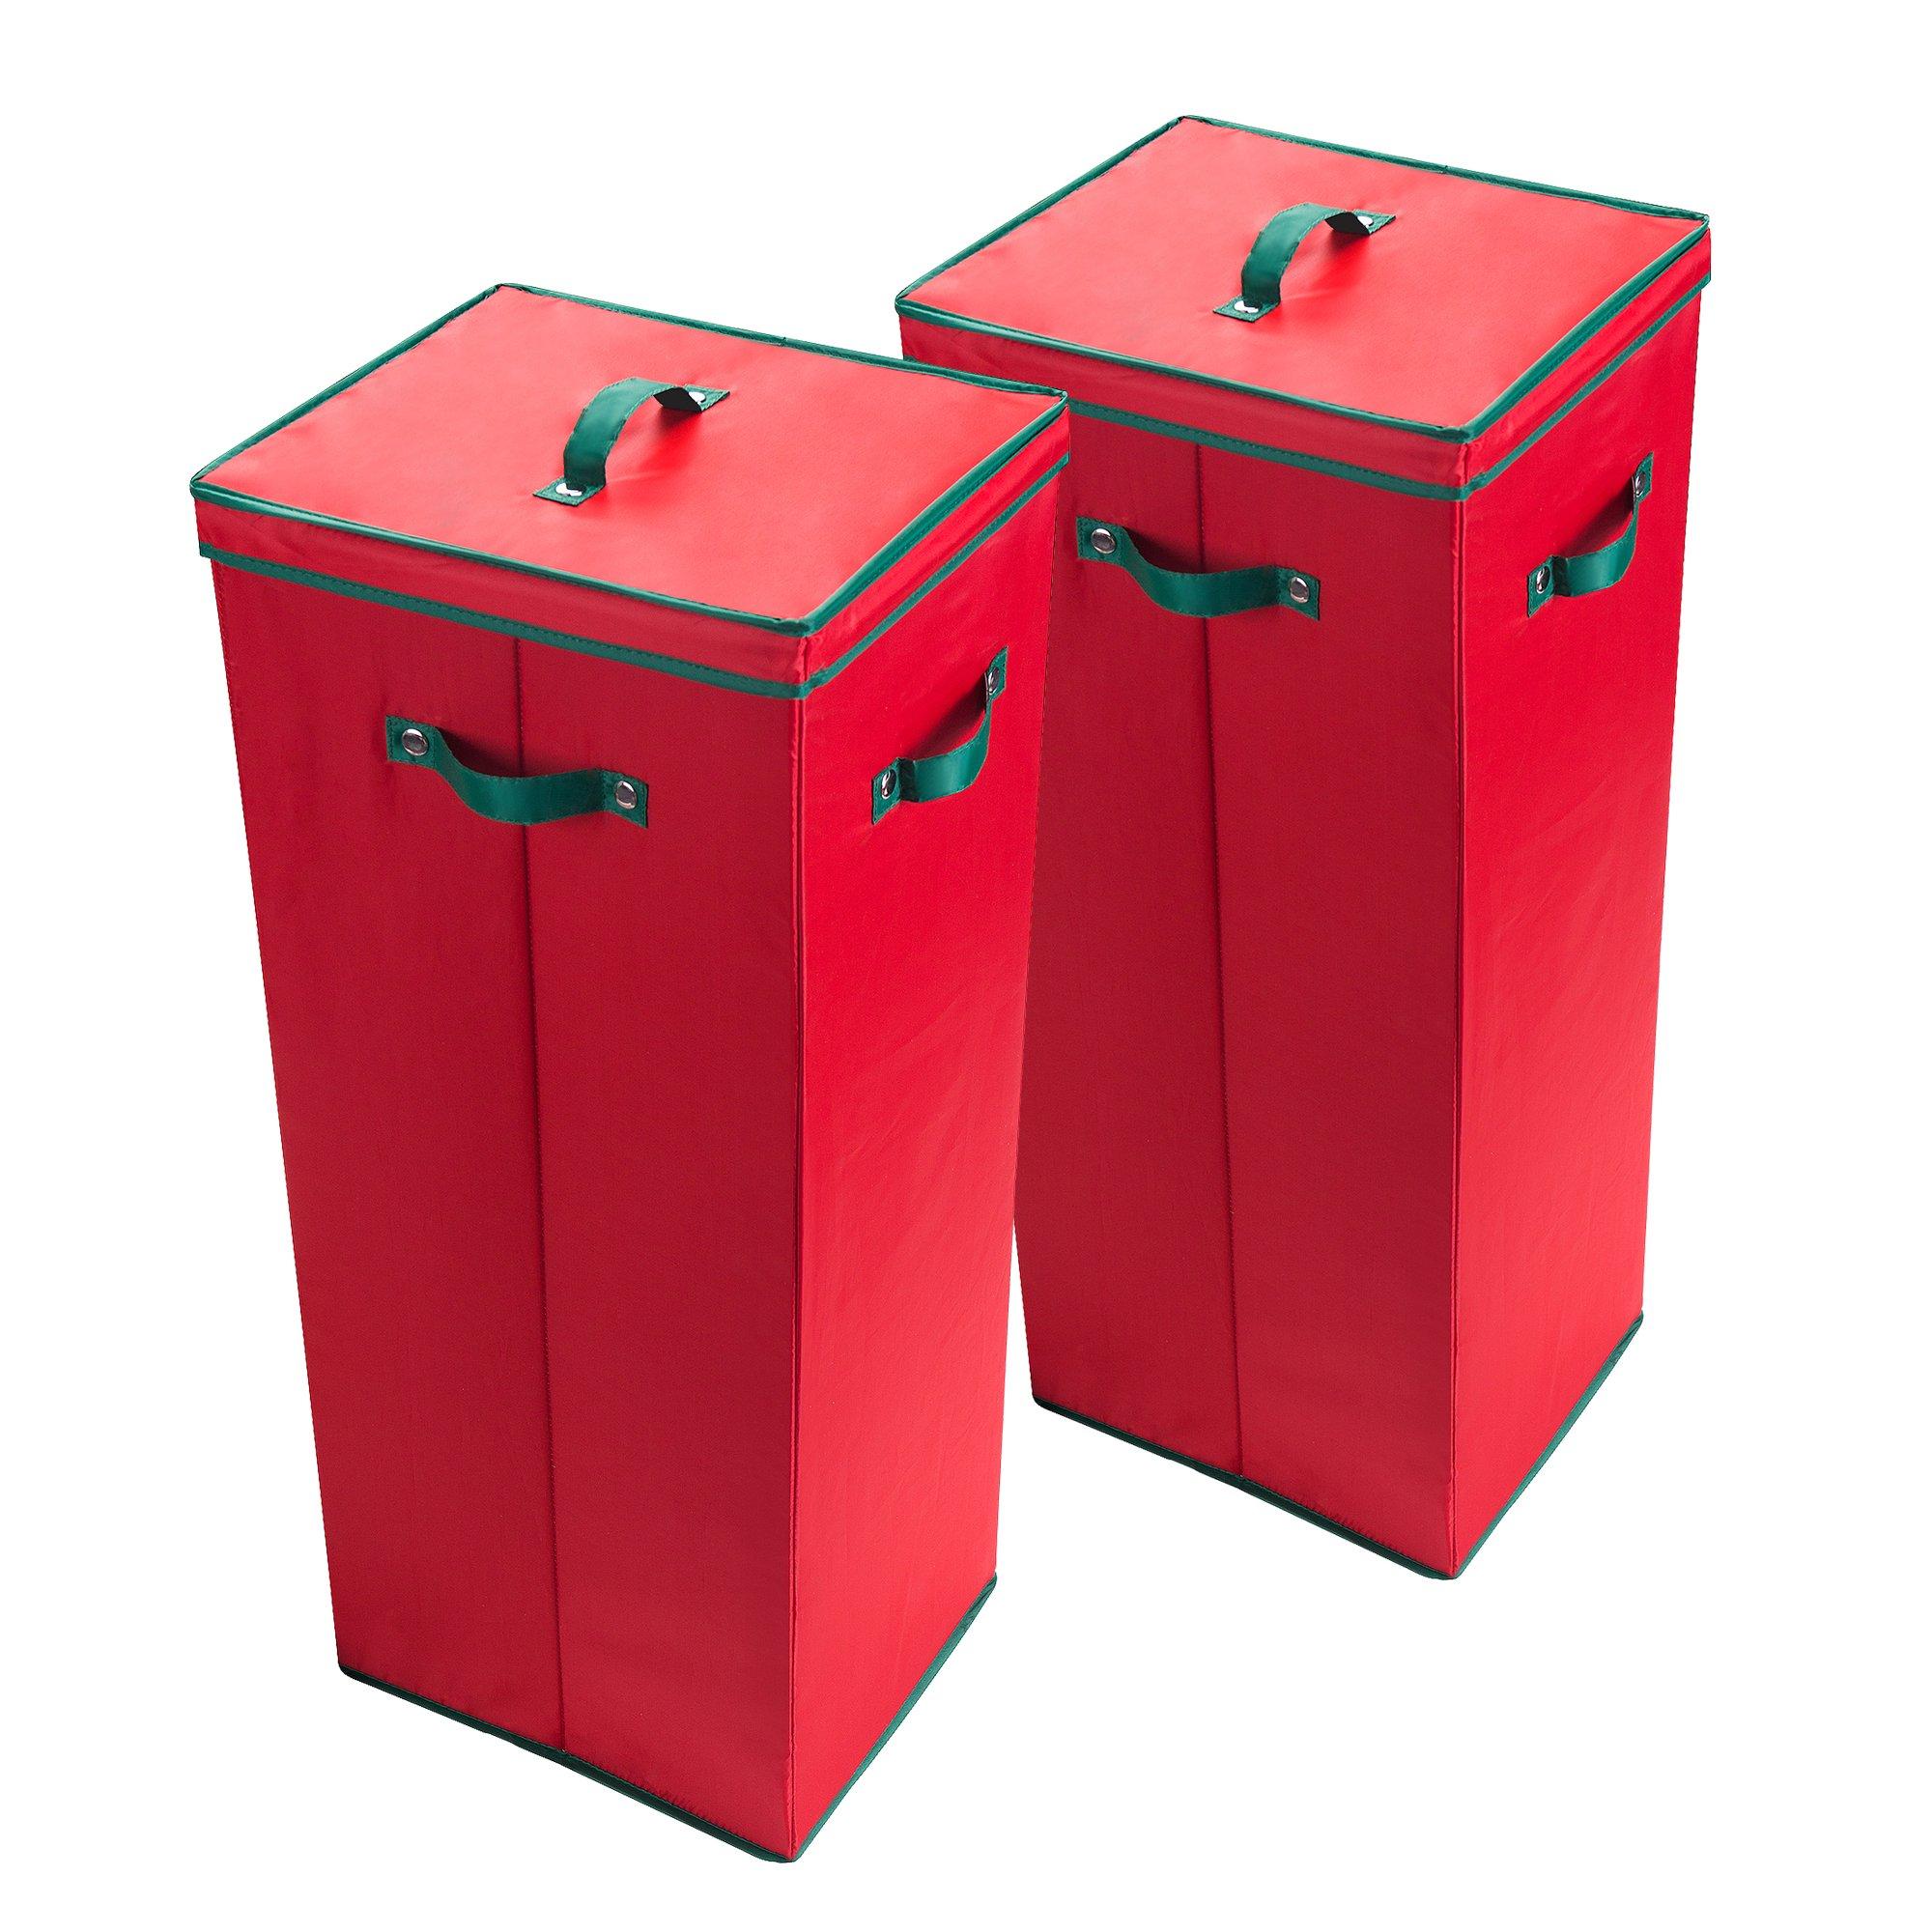 Elf Stor 83-DT5177 1581 2-Pack of 1024, Red